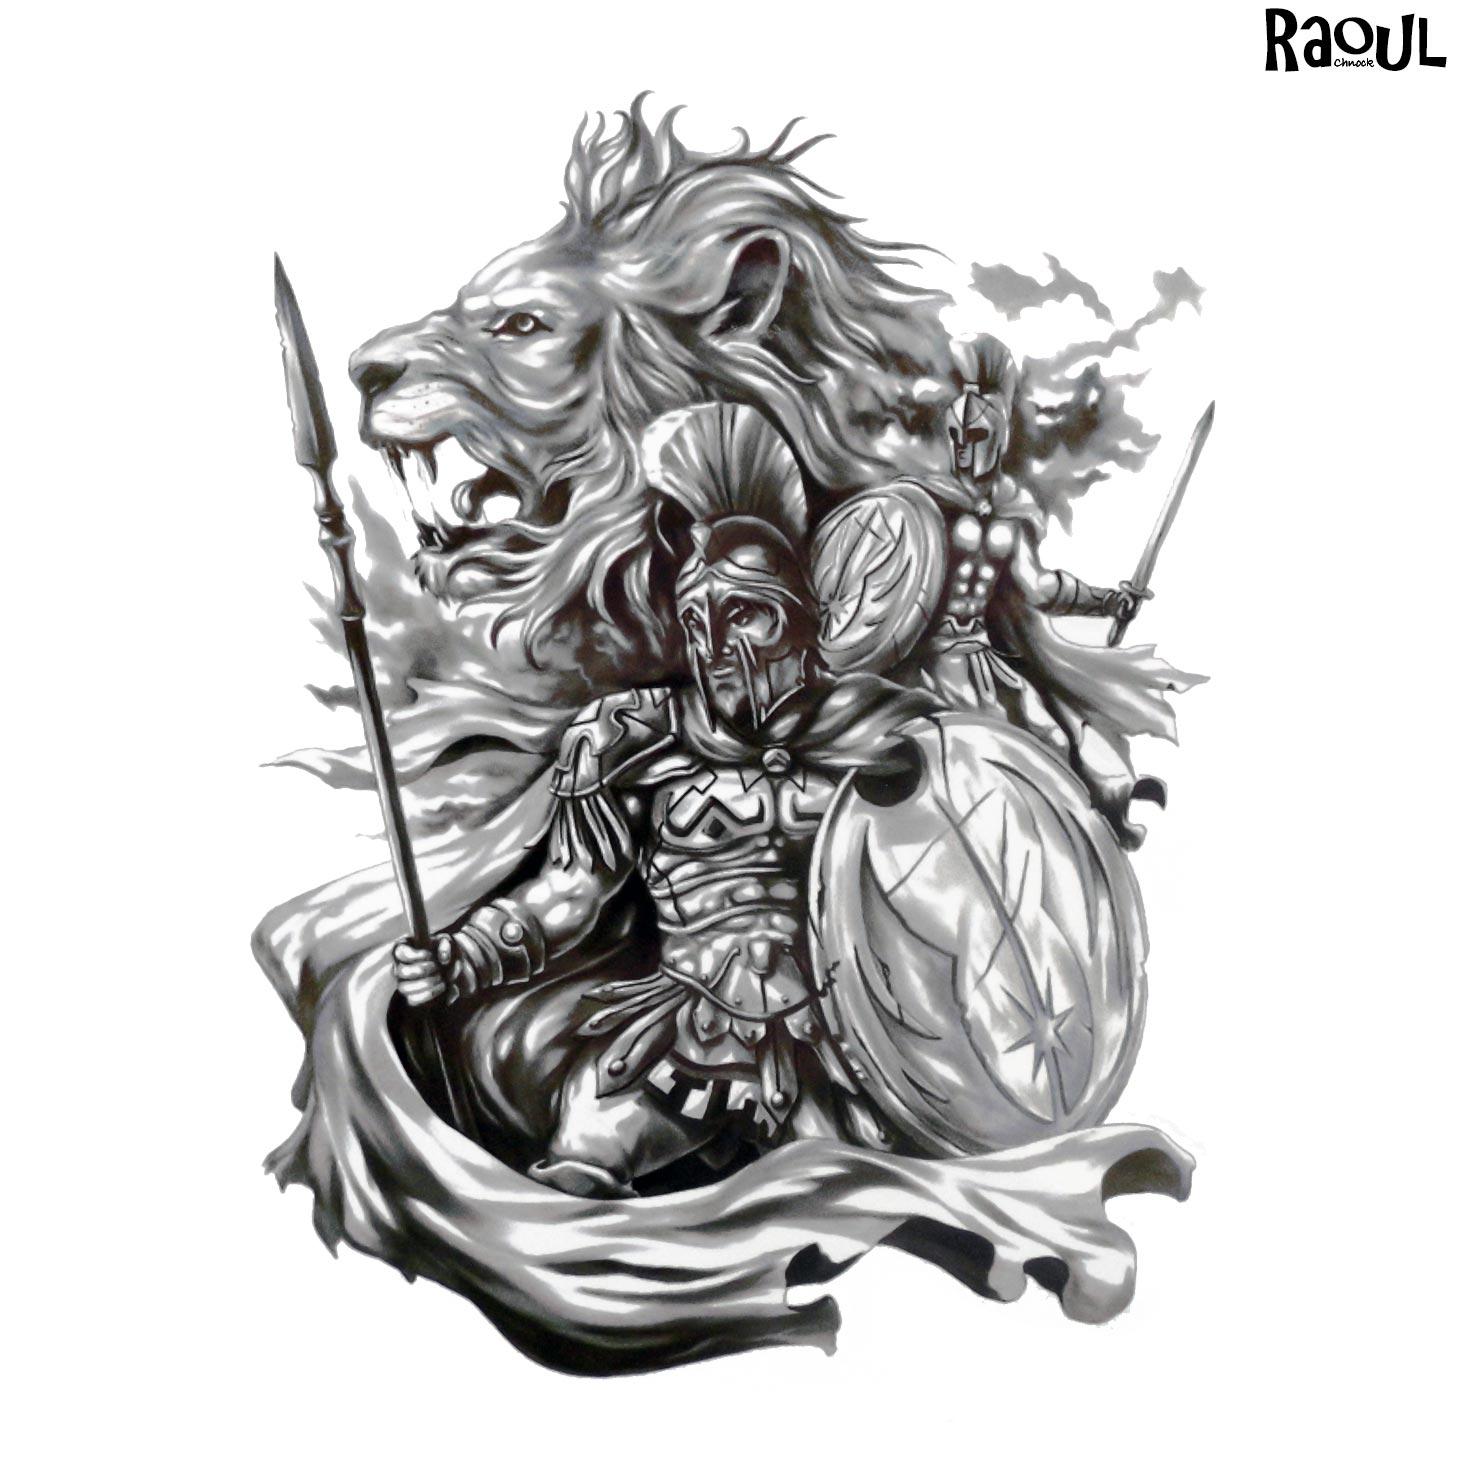 Tatouage Ephemere D Un Guerrier Et D Un Lion Raoul Chnock